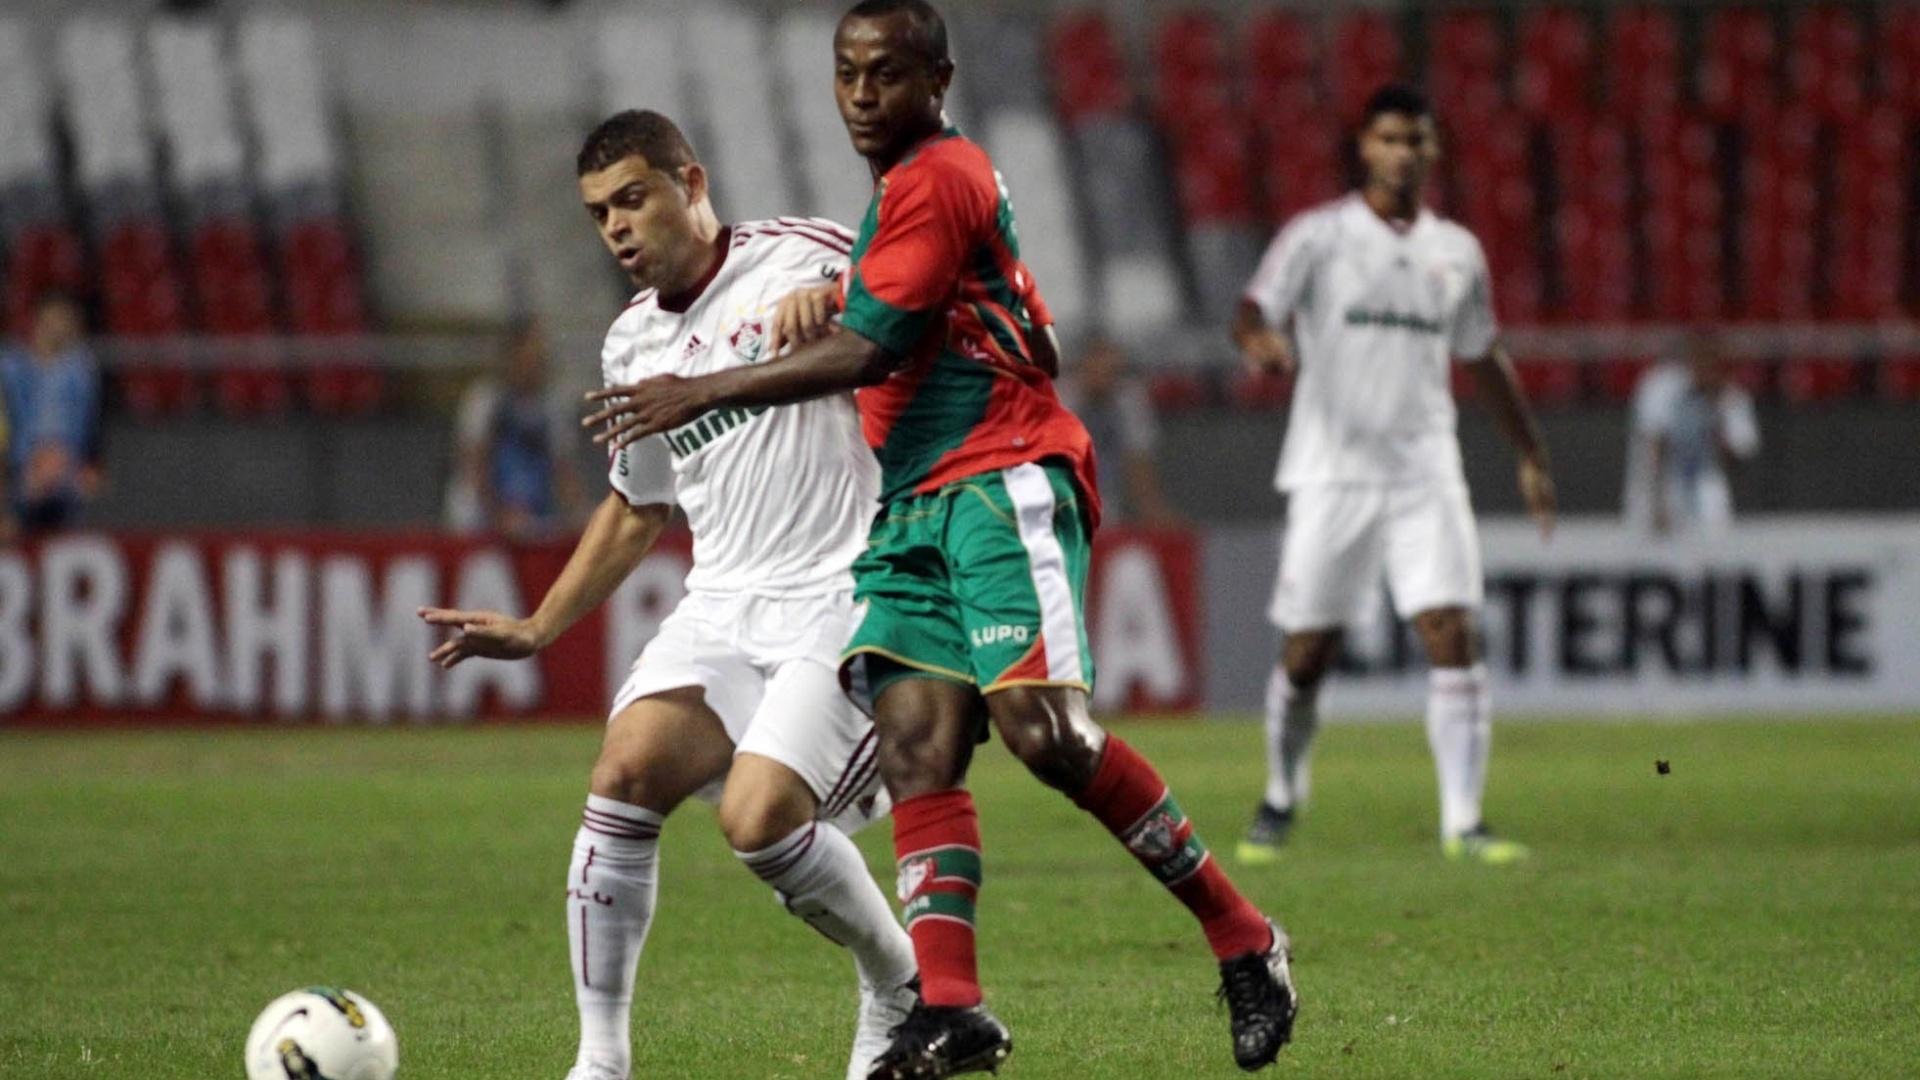 Edinho tenta dominar a bola sob marcação de defensor da Portuguesa